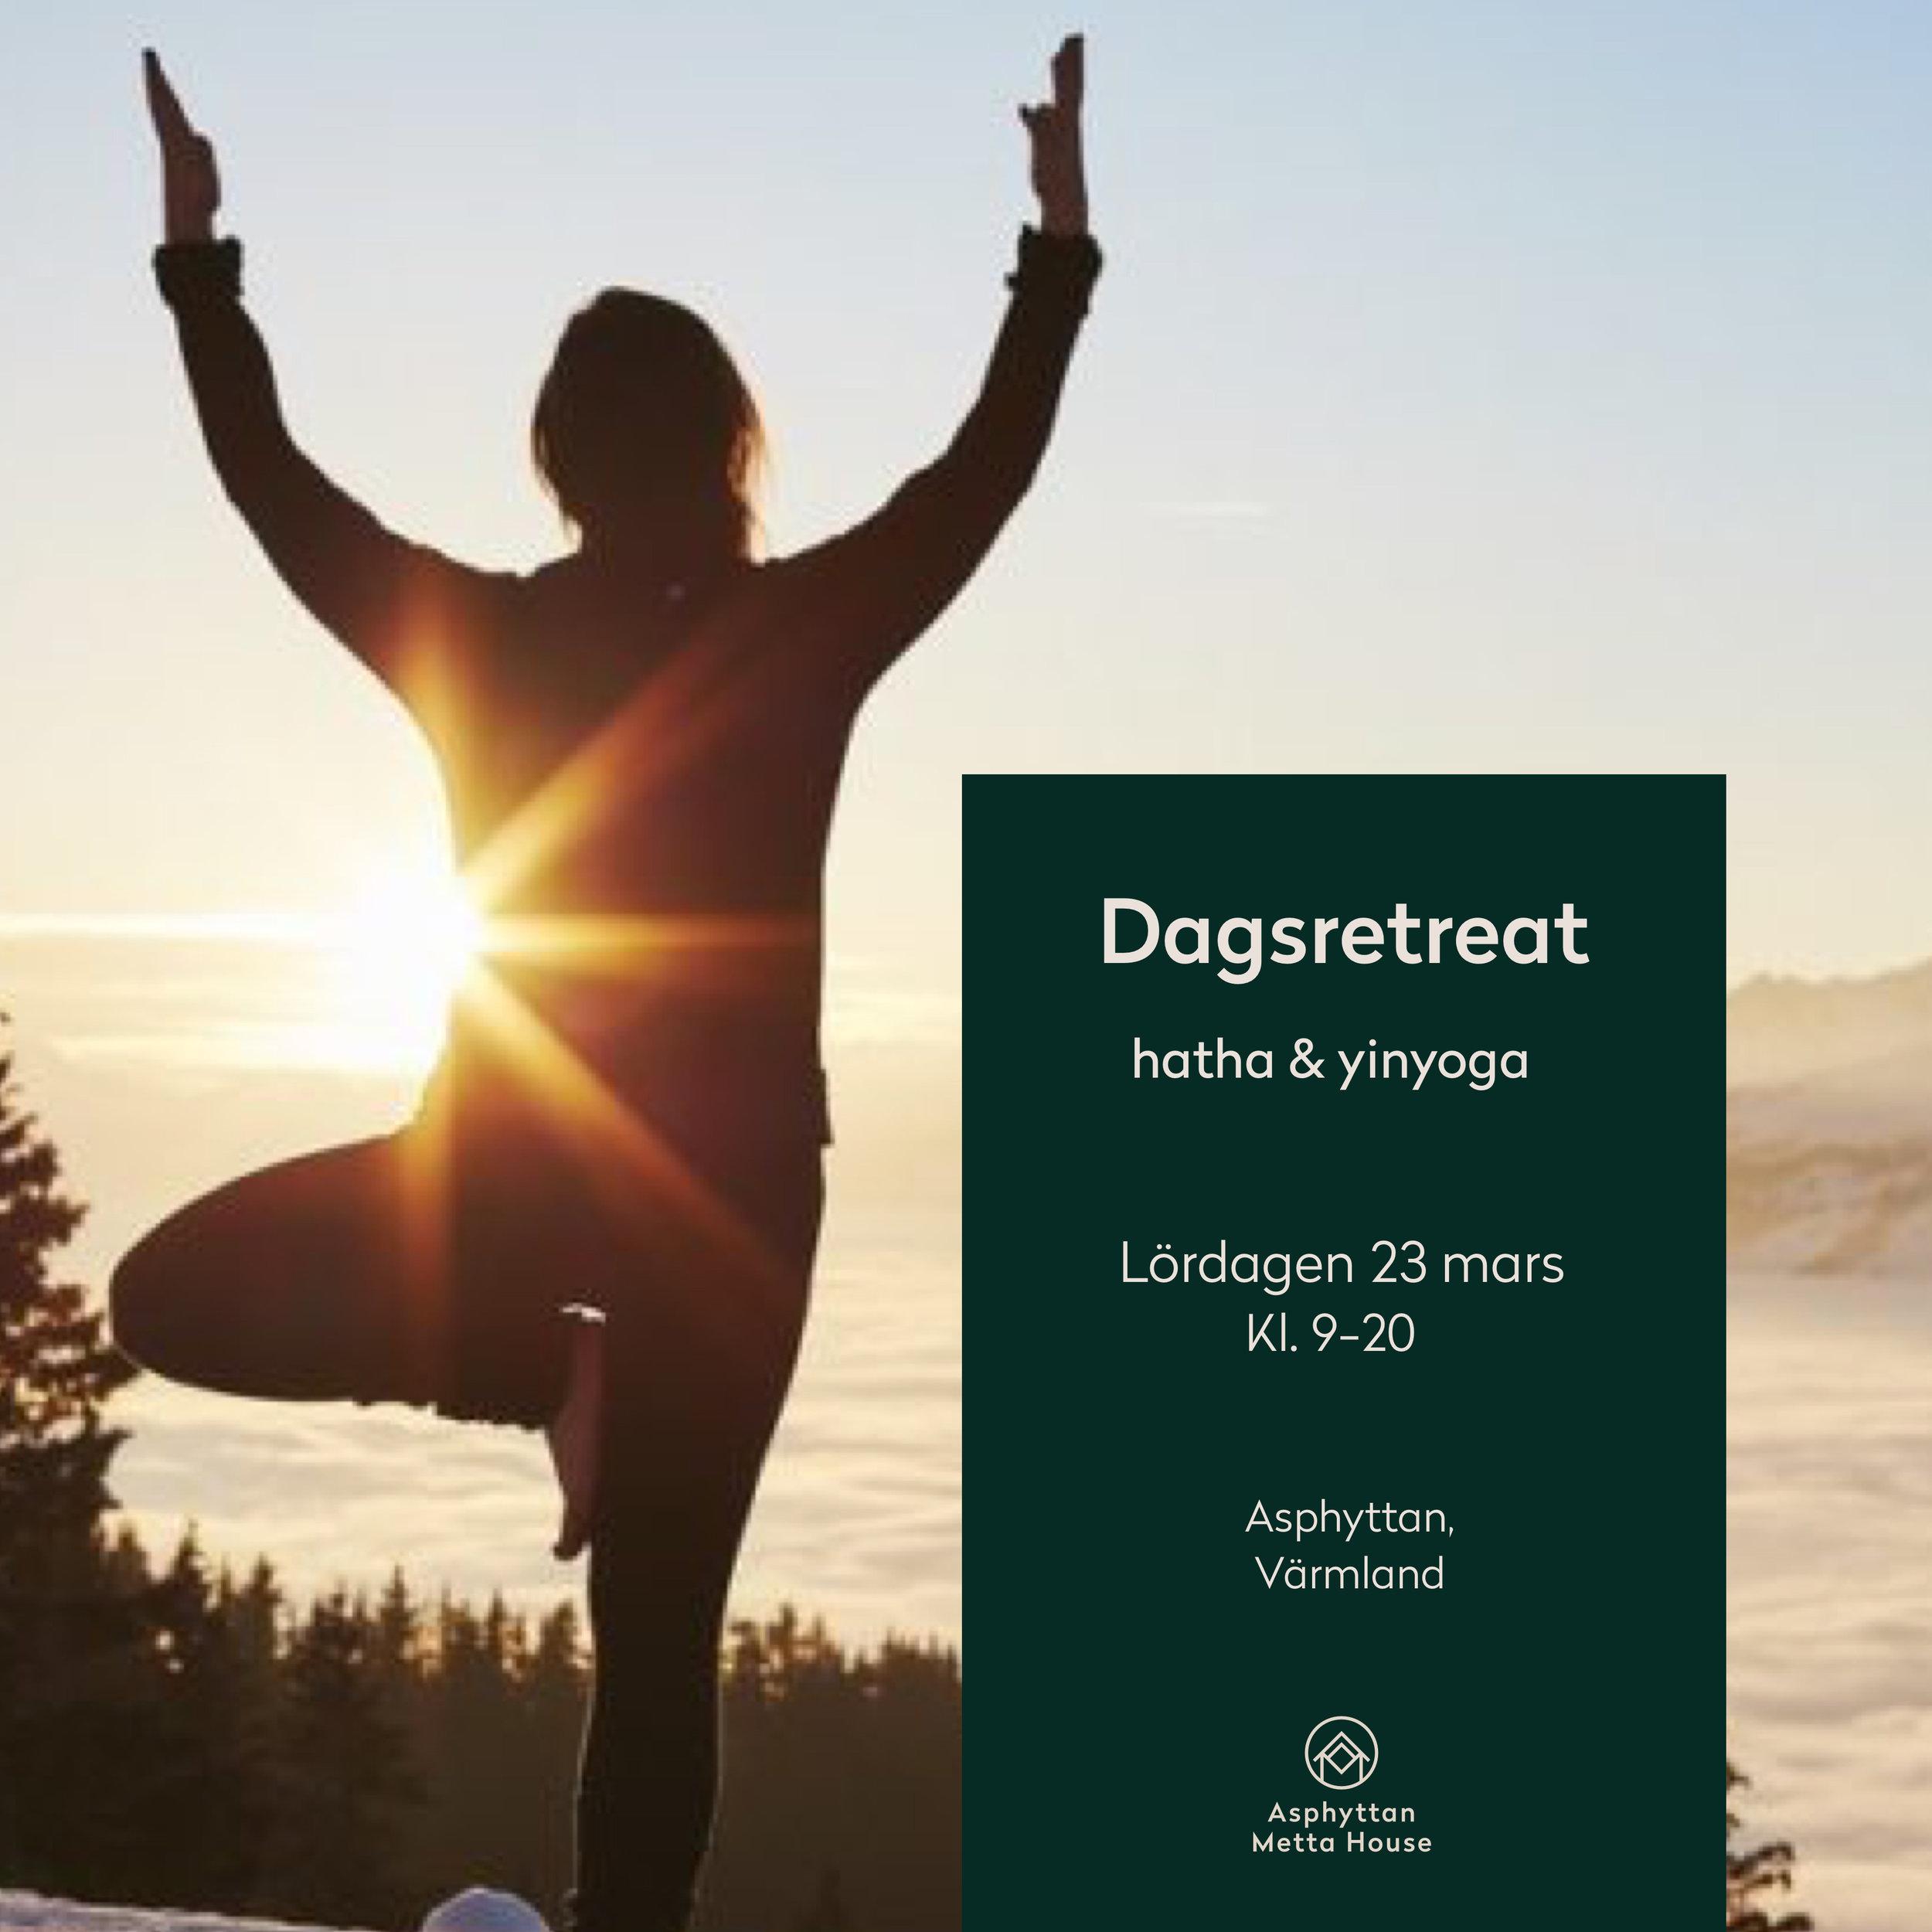 Dagsretreat - yin & yang - Är du nyfiken på yoga eller sugen på ny inspiration för din yogapraktik?Lördagen den 23 mars bjuder vi in 20 personer att ägna en hel dag åt att känna kroppen i rörelse, stillhet och vila. Vi kommer praktisera flera yogaformer: hatha, yin och yoga nidra. För när vi kombinerar yin (vila) och yang (aktivitet) skapar vi en balans och ökad välbefinnande på alla plan.Läs om retreatet här